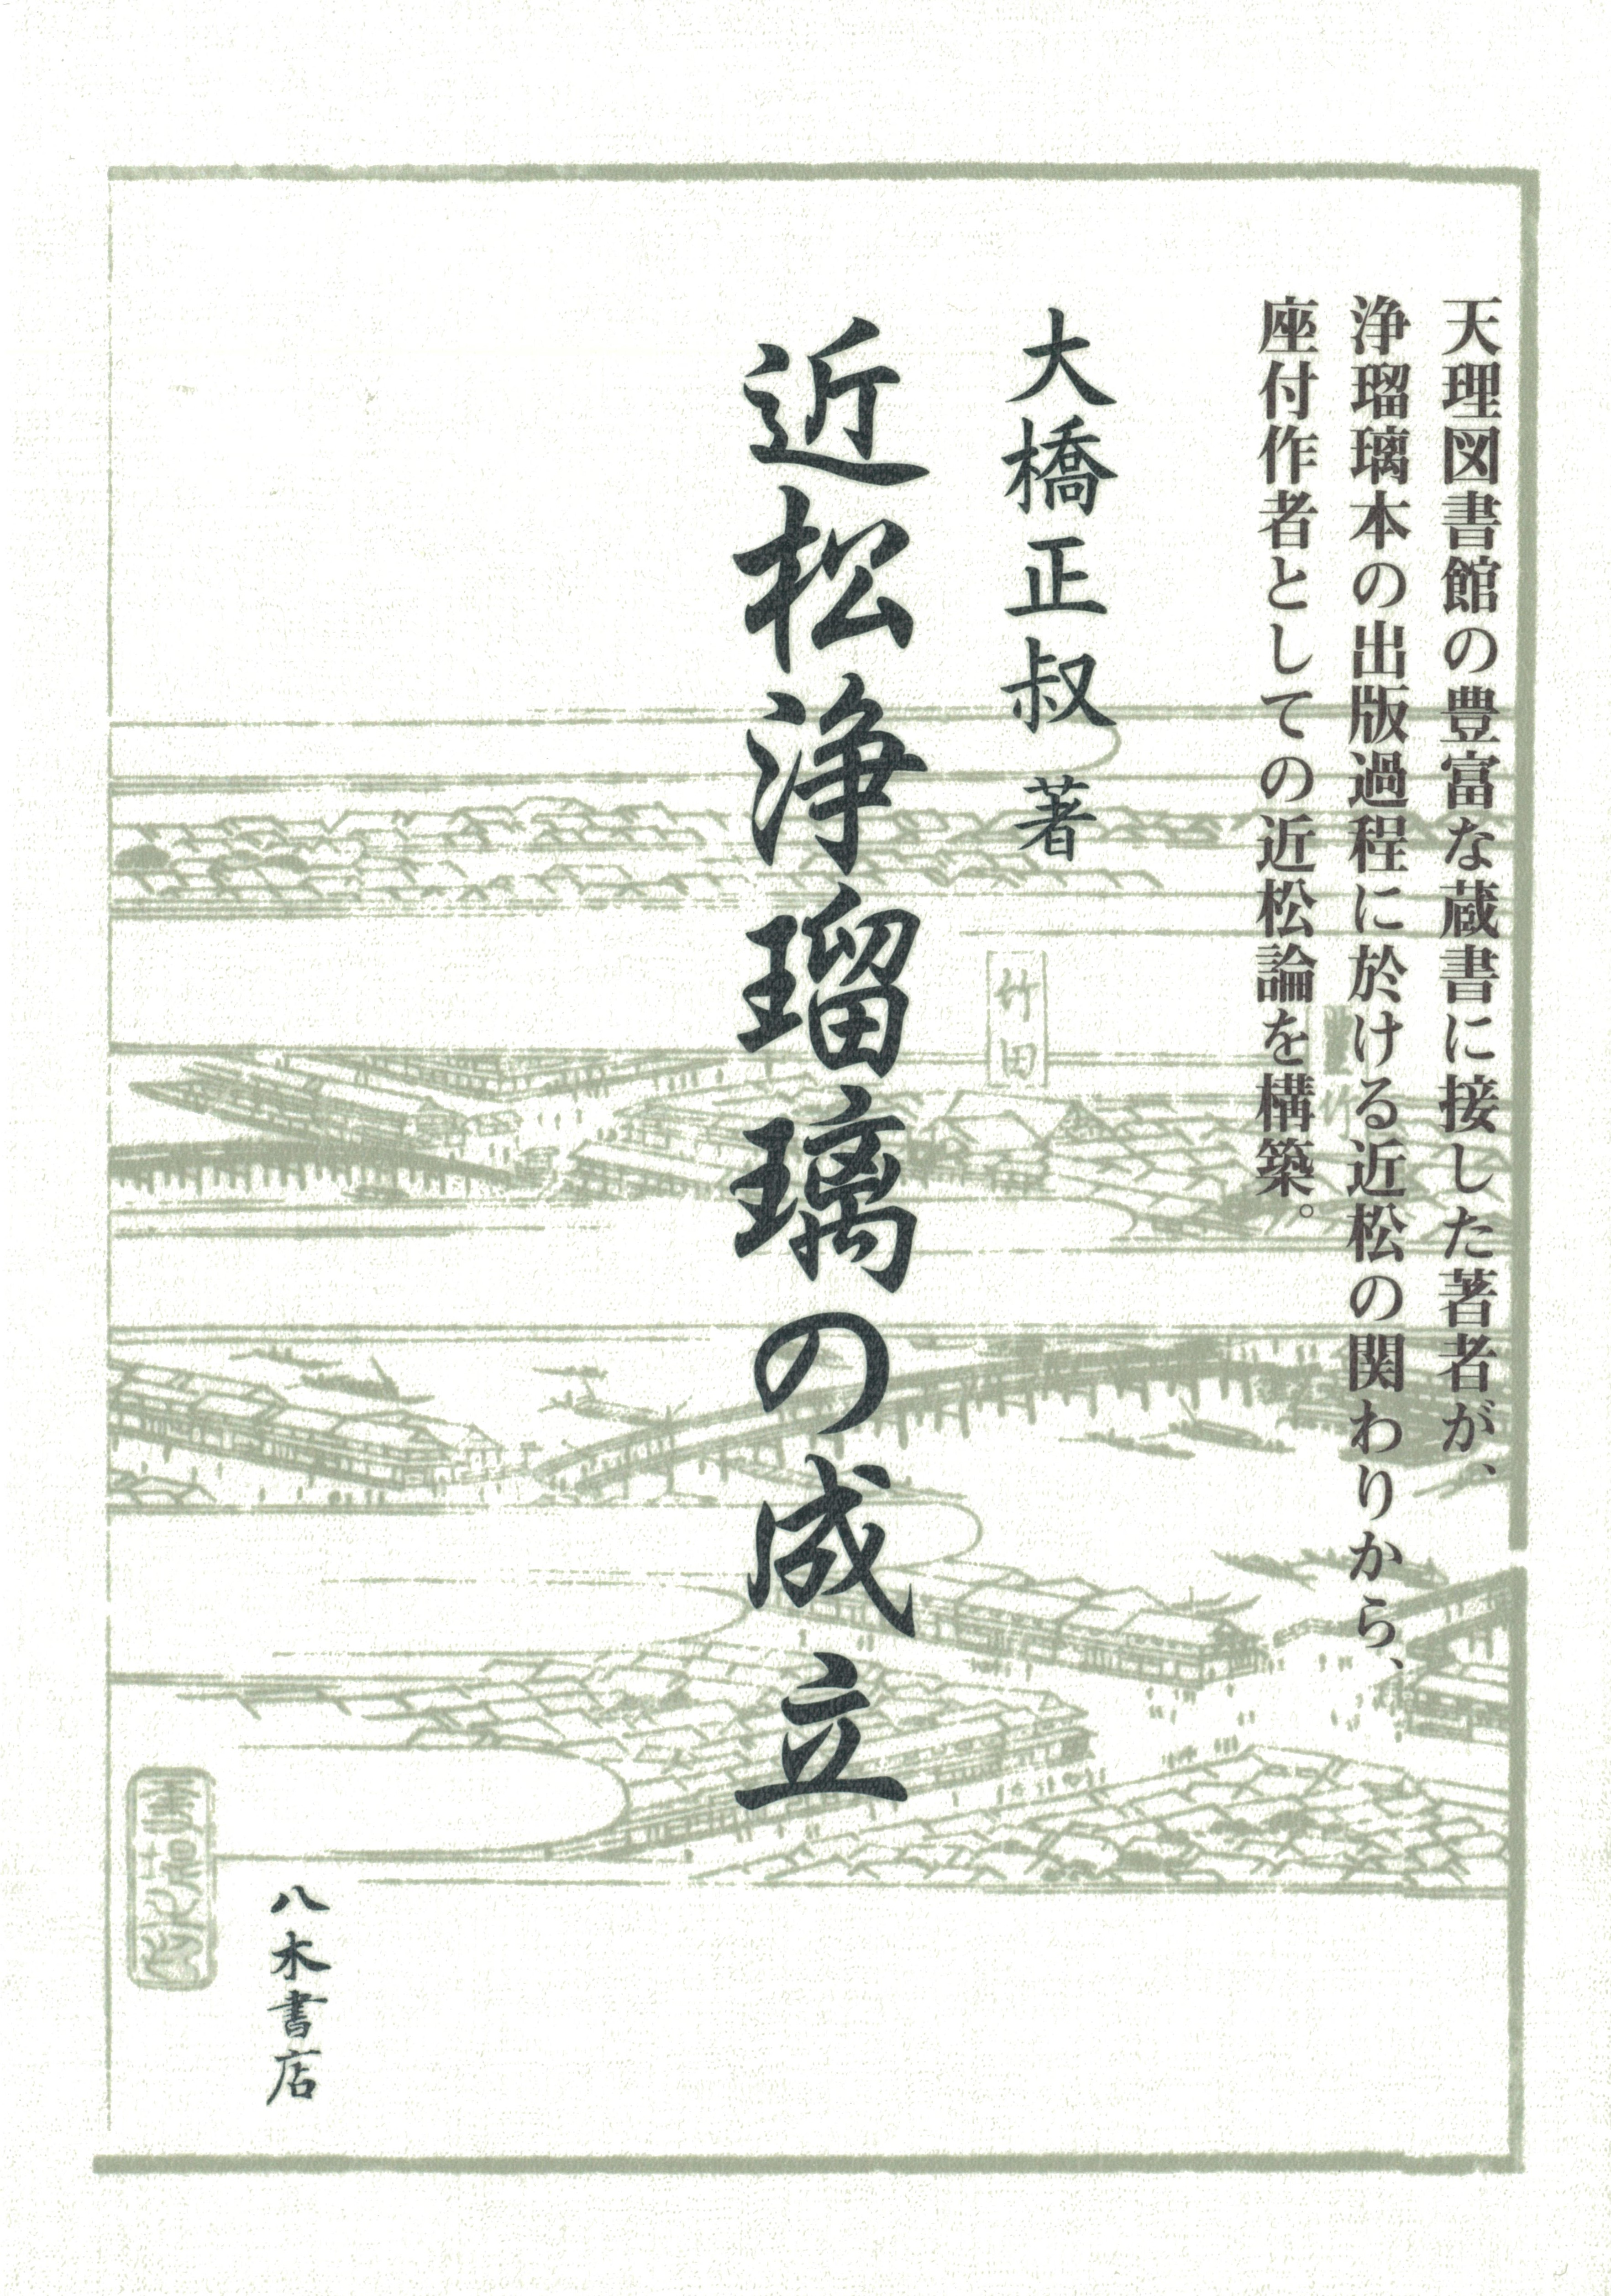 【好評既刊 6月10日刊行】近松浄瑠璃の成立